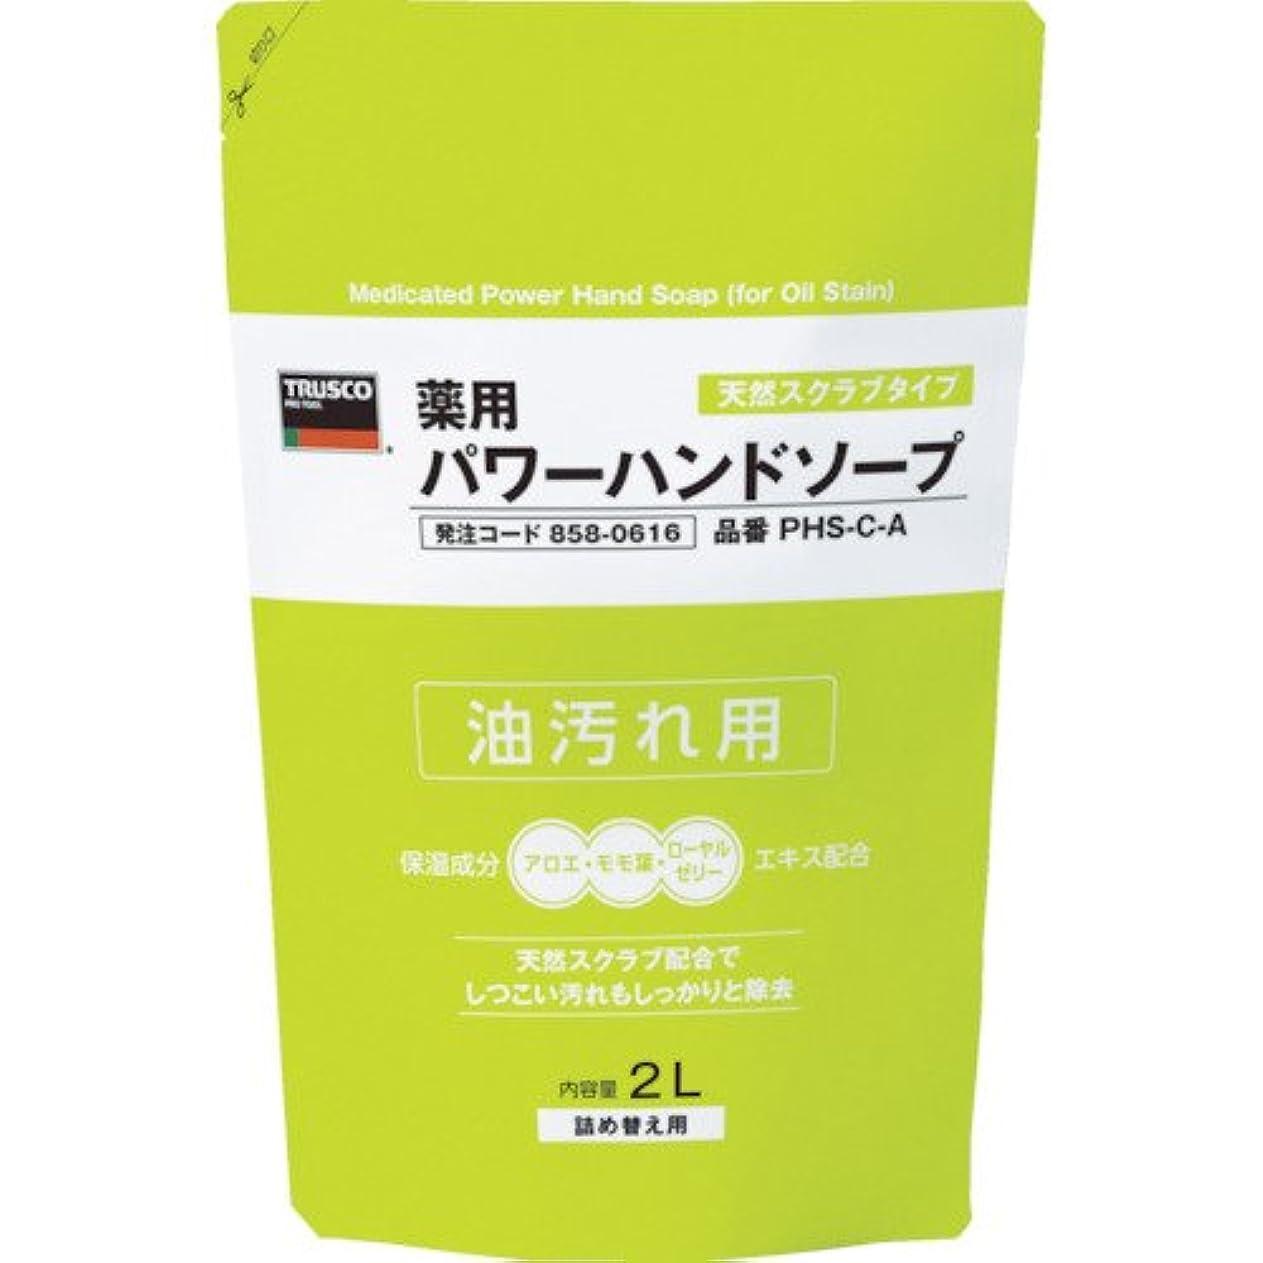 意見冷ややかな強制的トラスコ中山 株 TRUSCO 薬用パワーハンドソープ 詰替パック 2.0L PHS-C-A